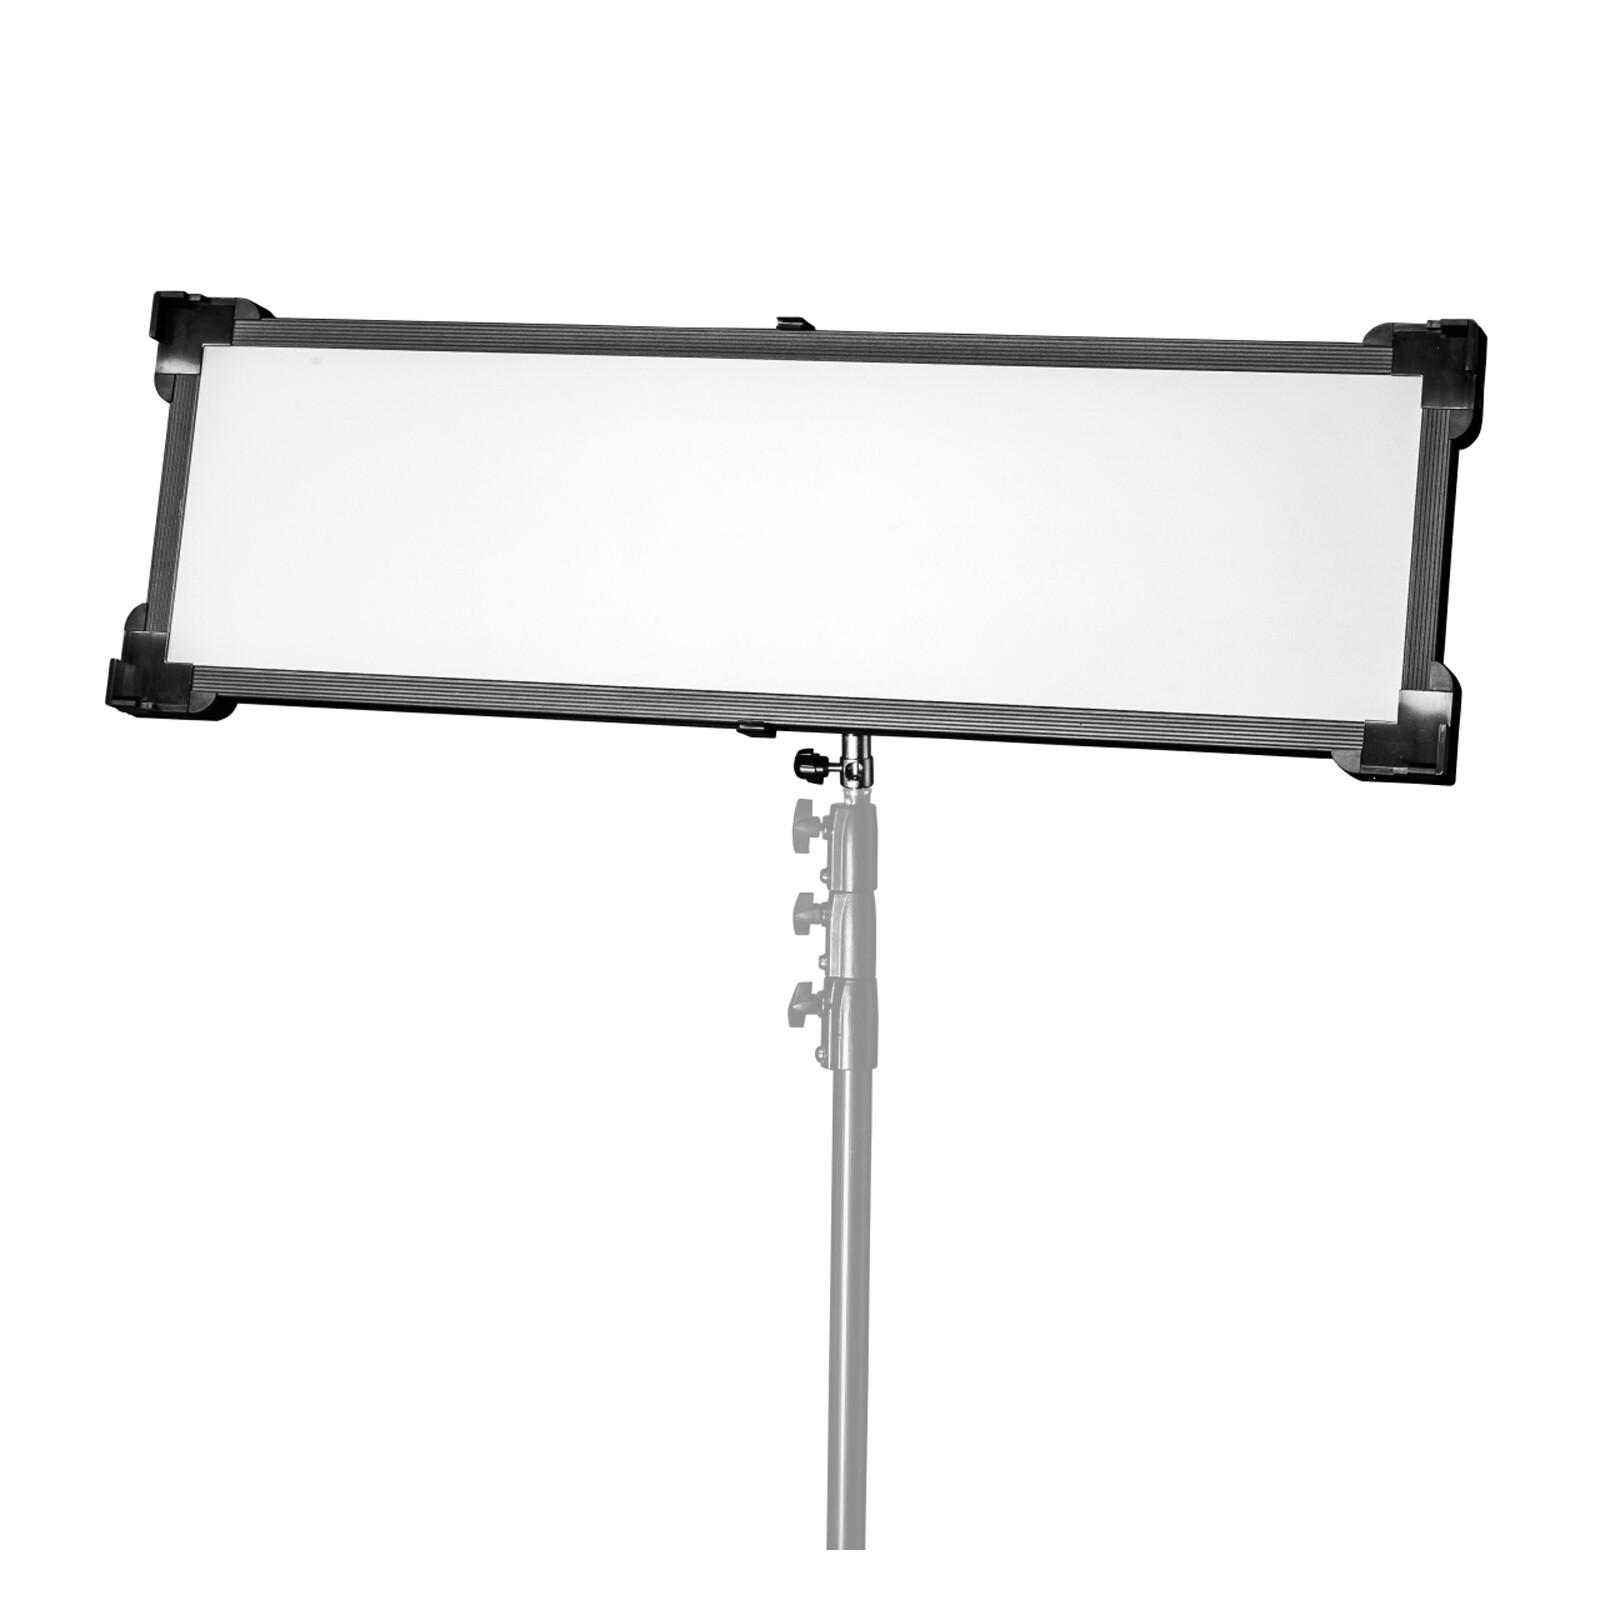 walimex pro Soft LED 2400 Bi Color Flat